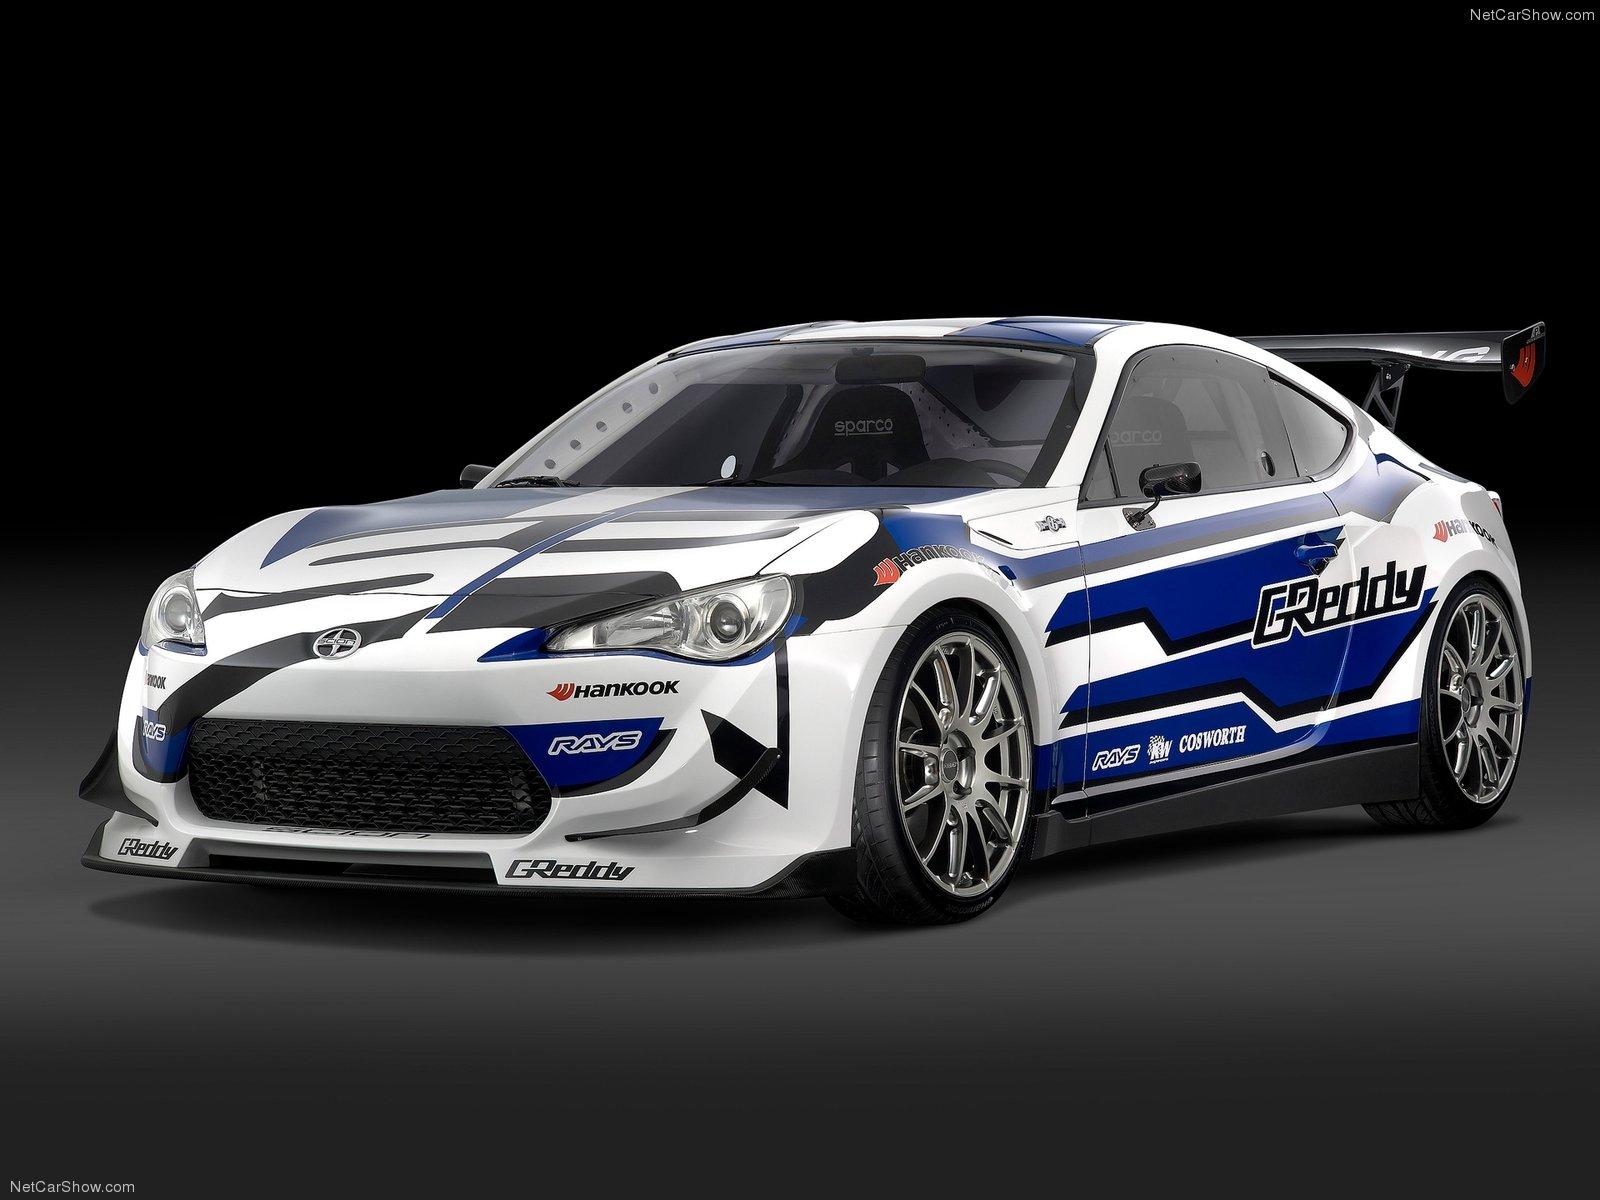 Hình ảnh xe ô tô Scion FR-S Race car 2012 & nội ngoại thất